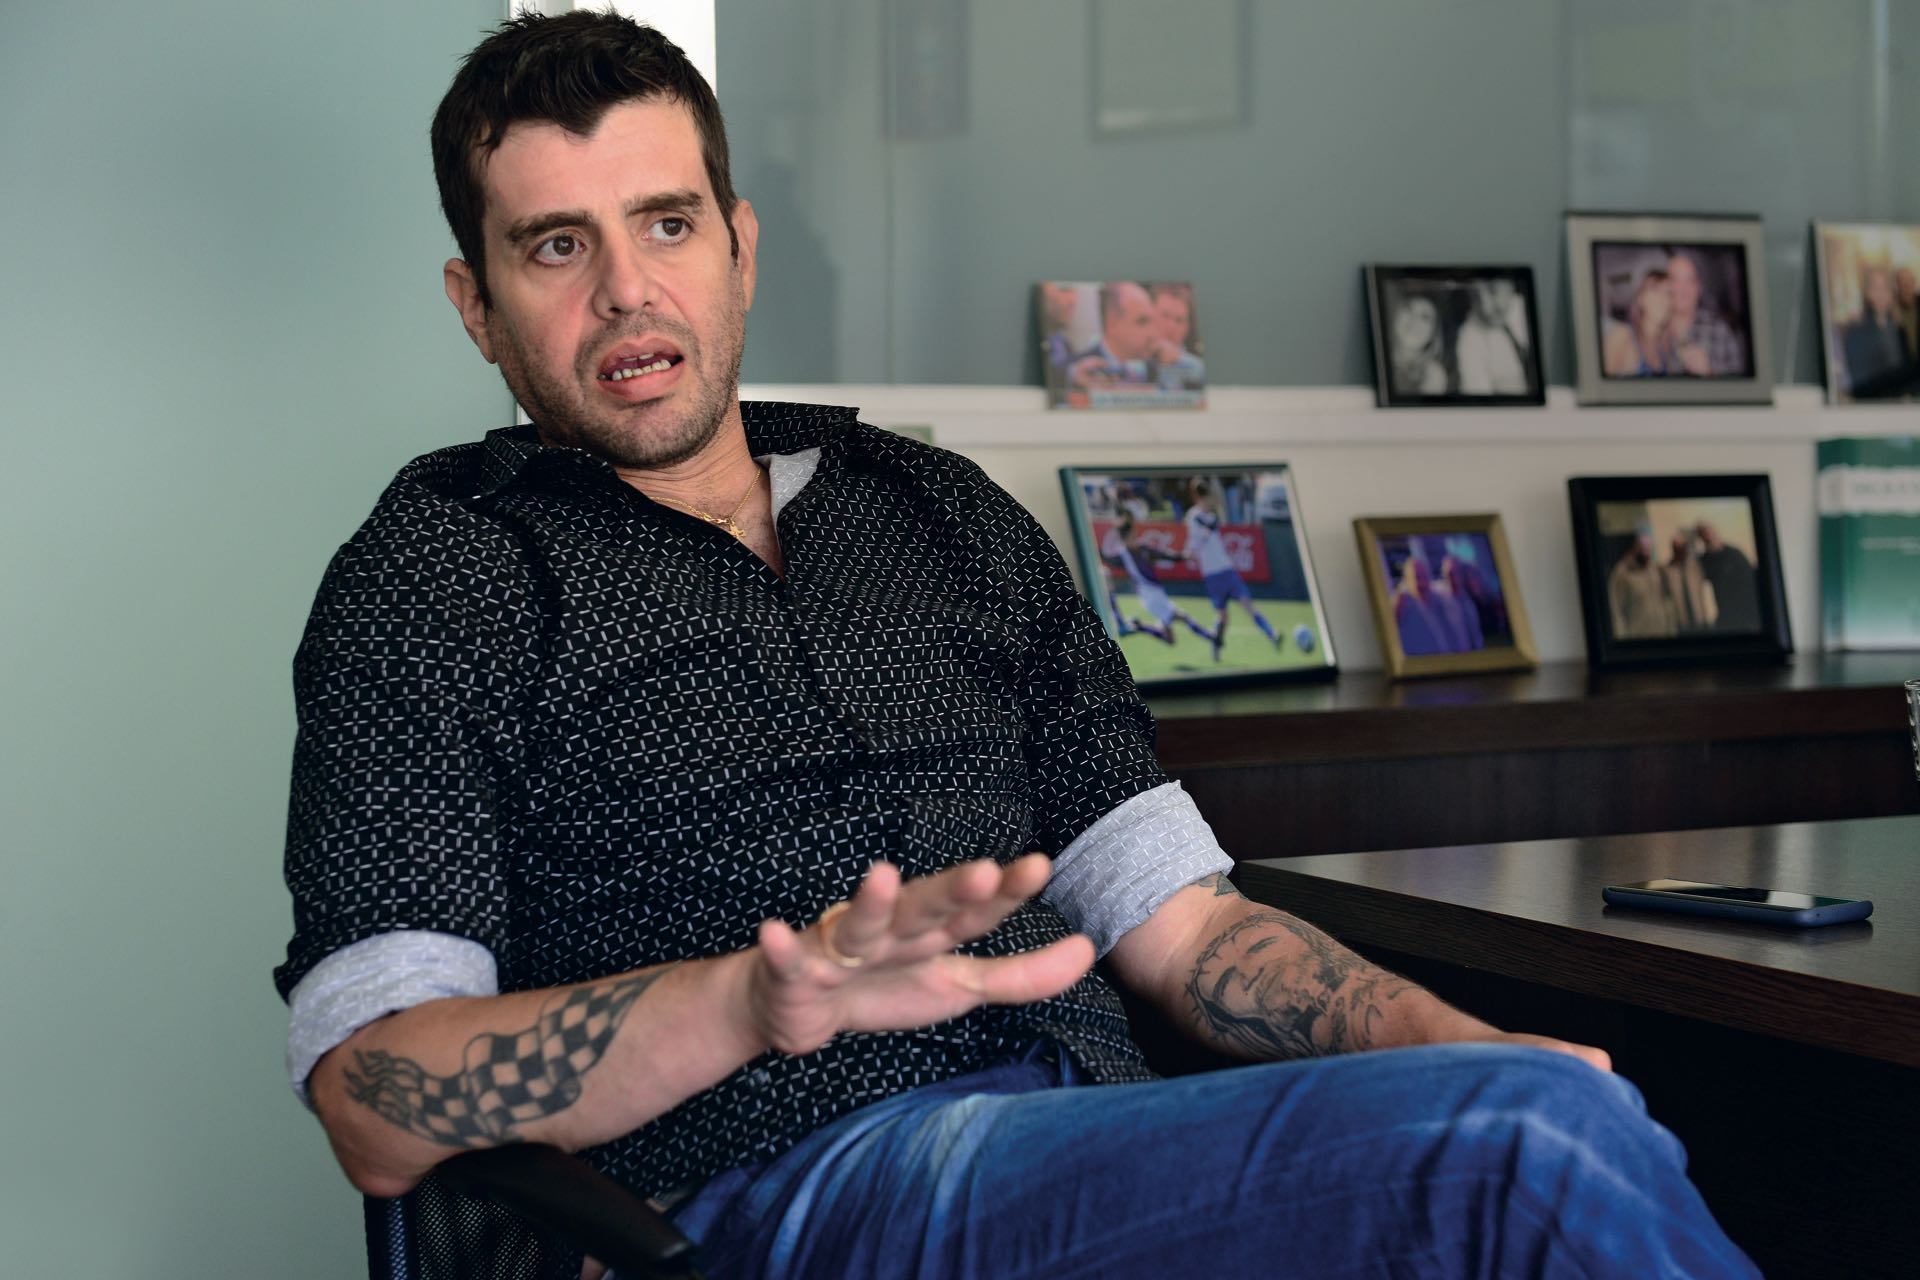 Carlos Nahir en el despacho de su abogado. (Foto: Diego Soldini y Enrique Medina)